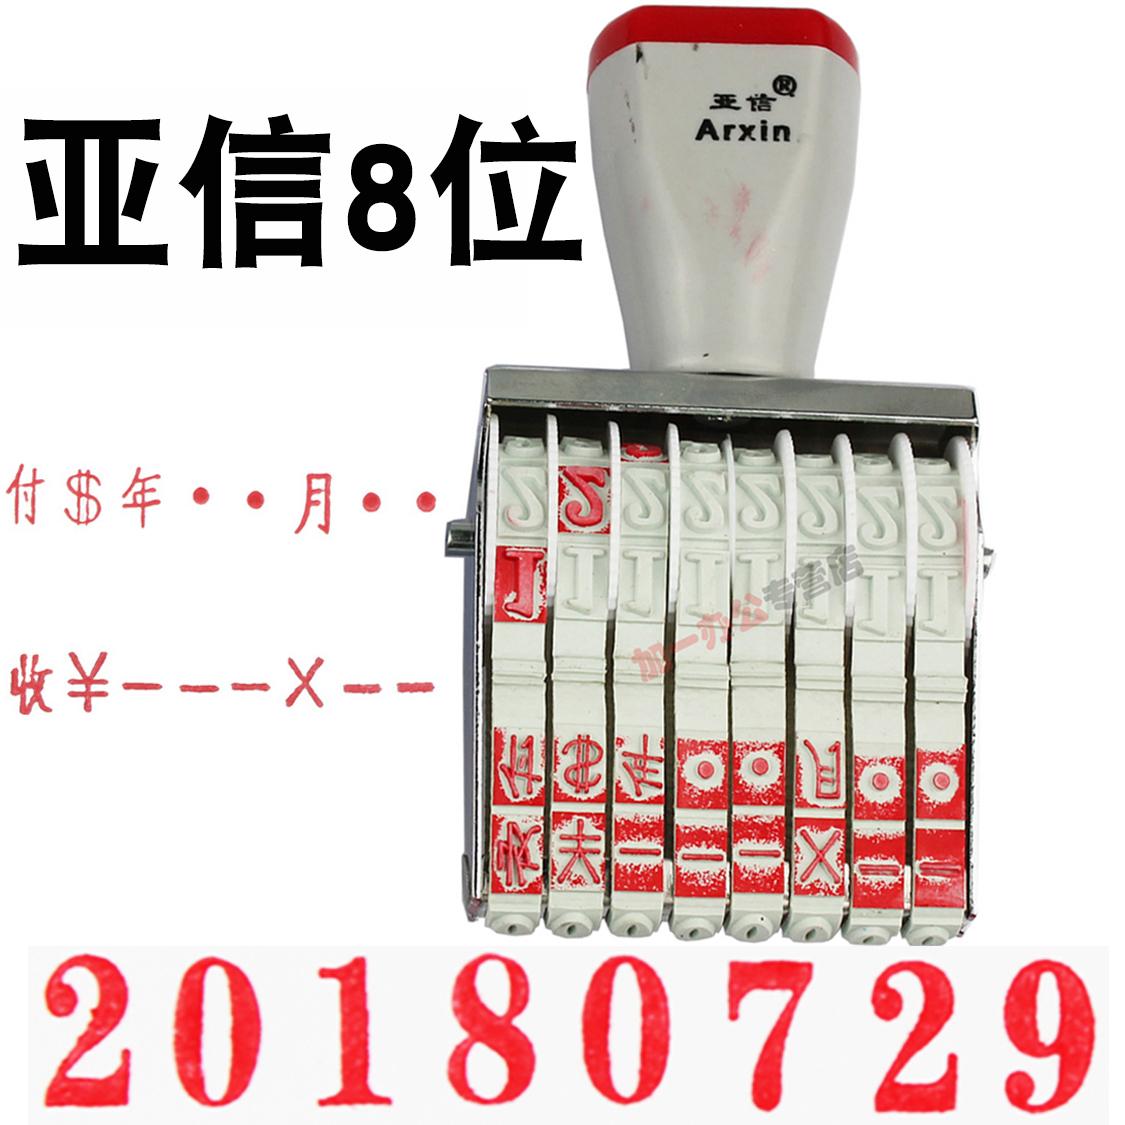 亚信8位可调日期数字号码印章特年月日0-9滚转轮机大中小章组合印八生产批次活字单个硅胶打印机字母符号